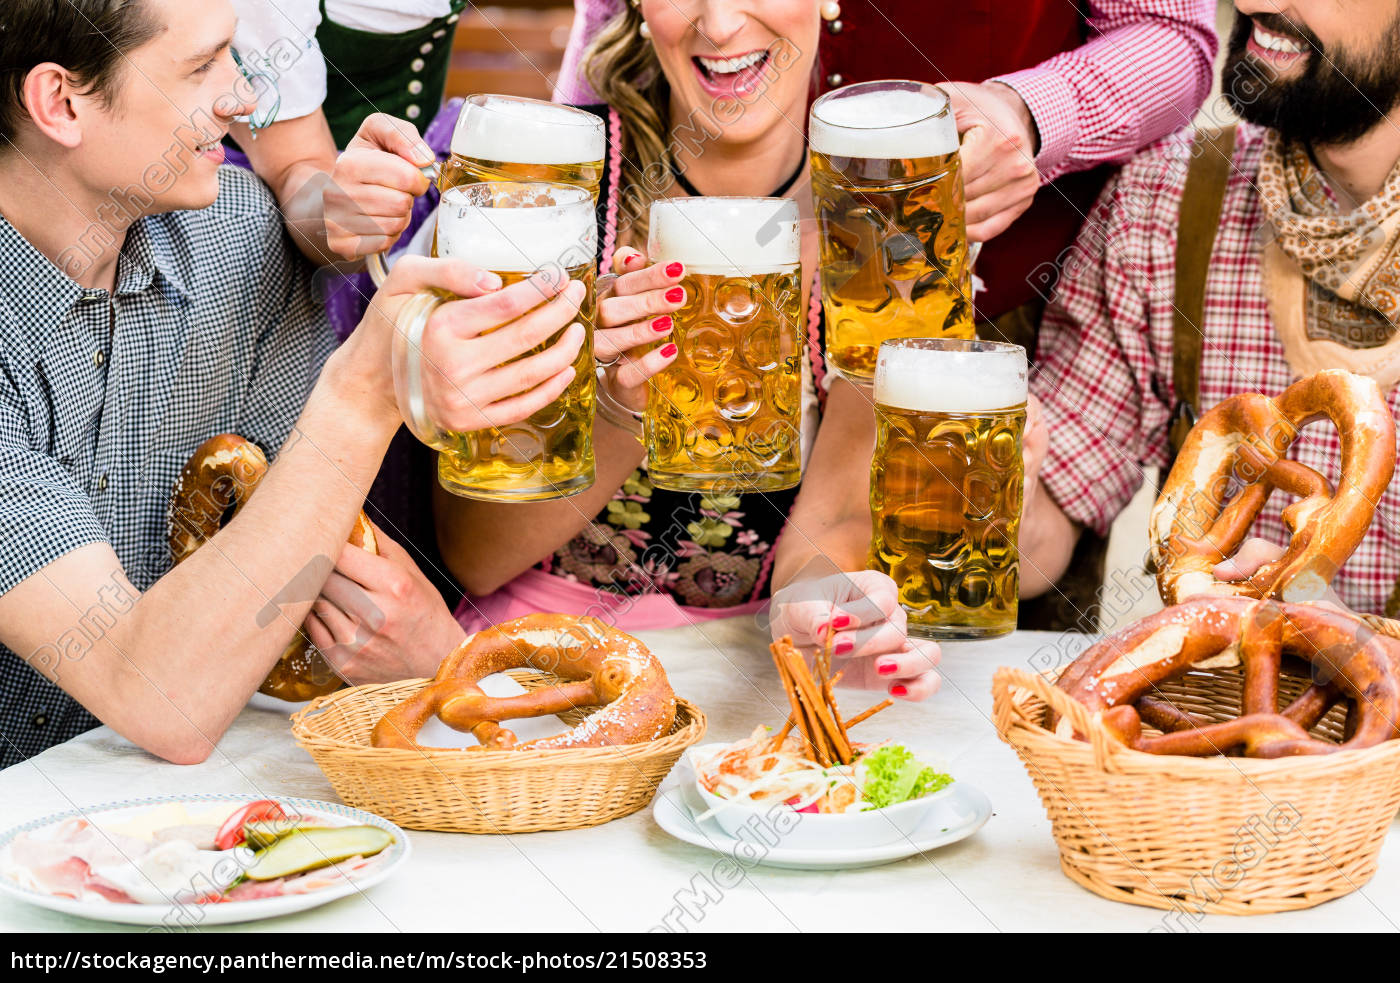 in, beer, garden, -, friends, drinking - 21508353